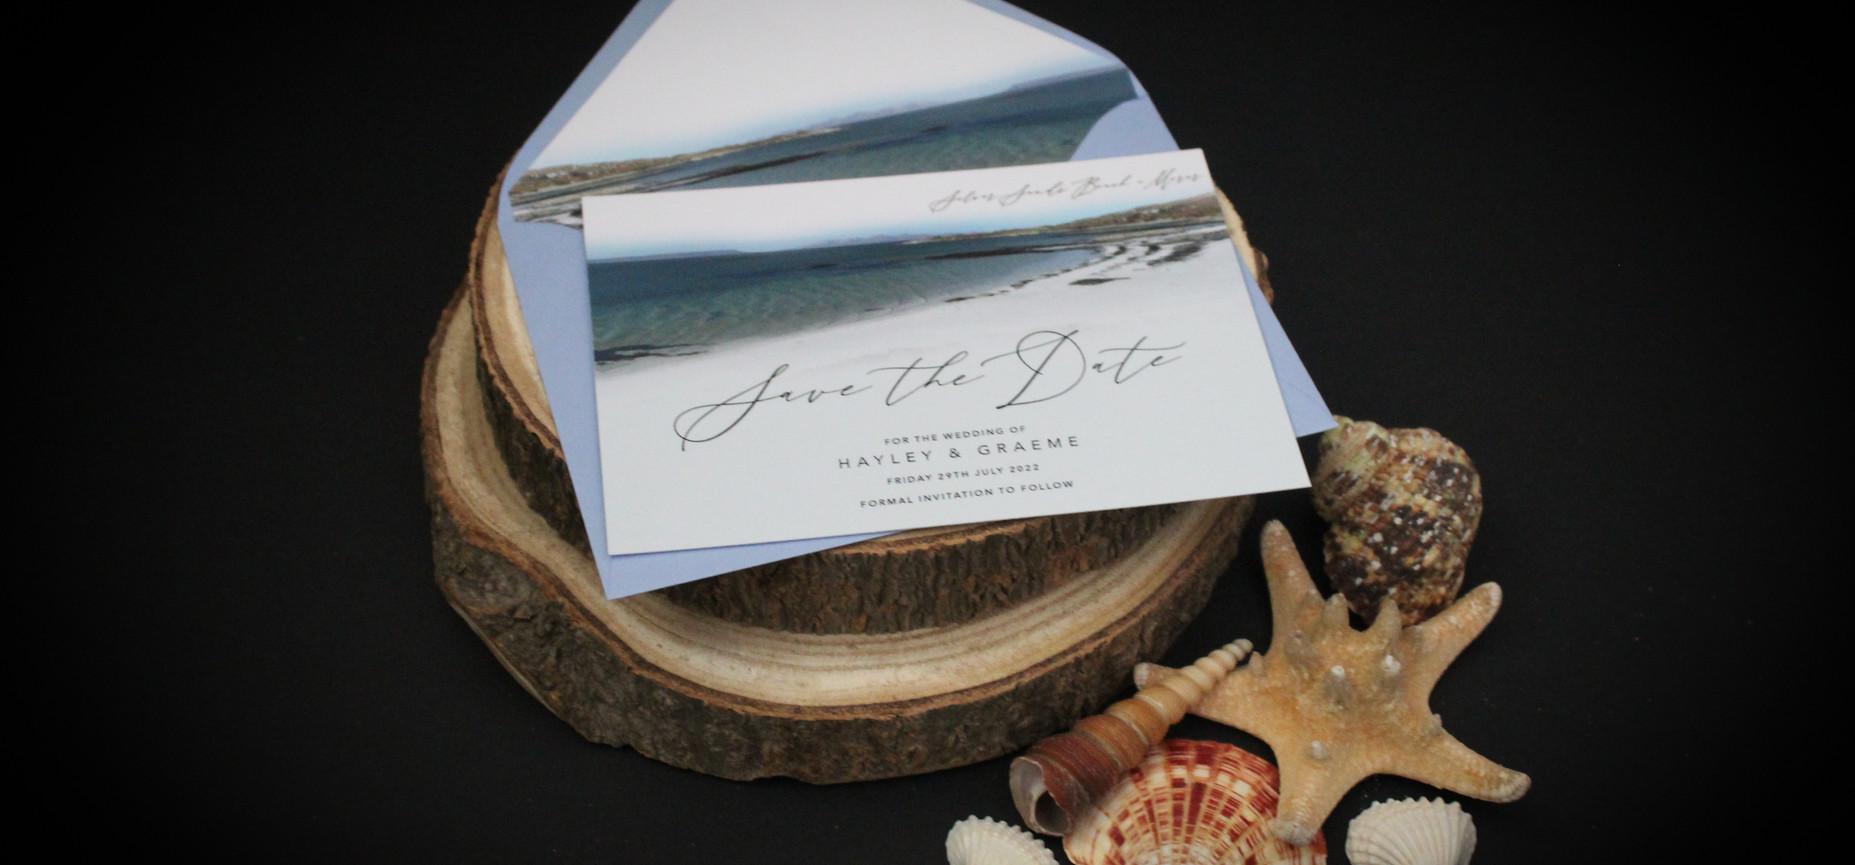 Moray Beach Collection